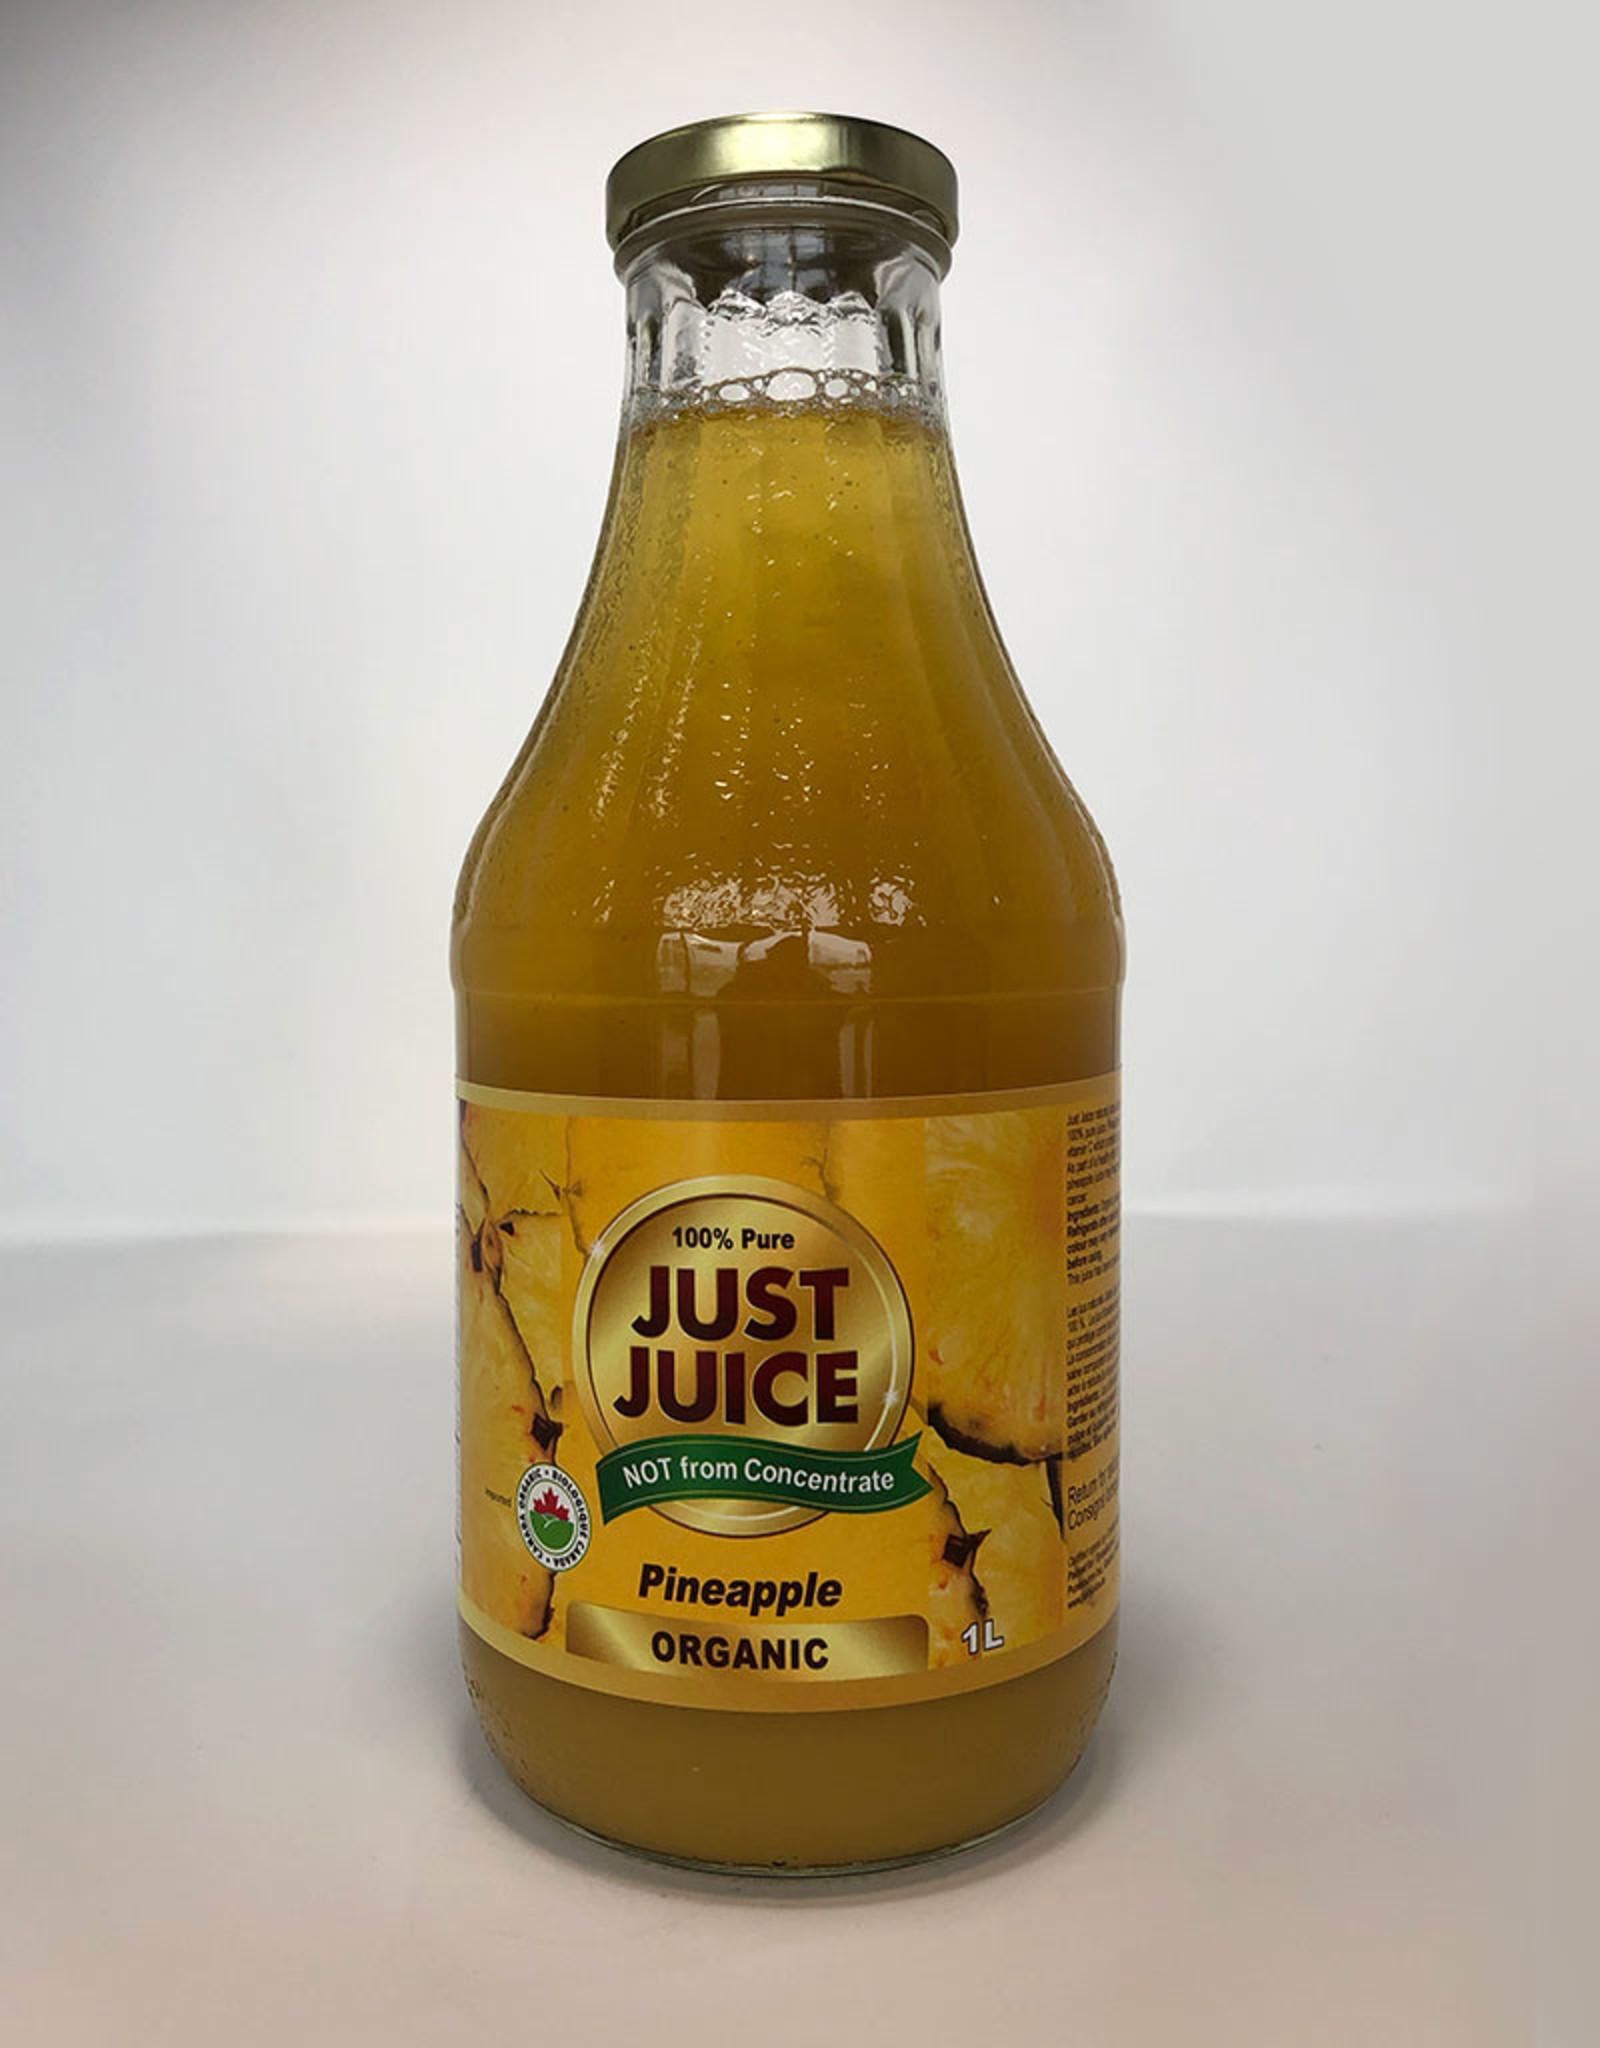 Just Juice Just Juice - Juice, Organic Pineapple (1L)